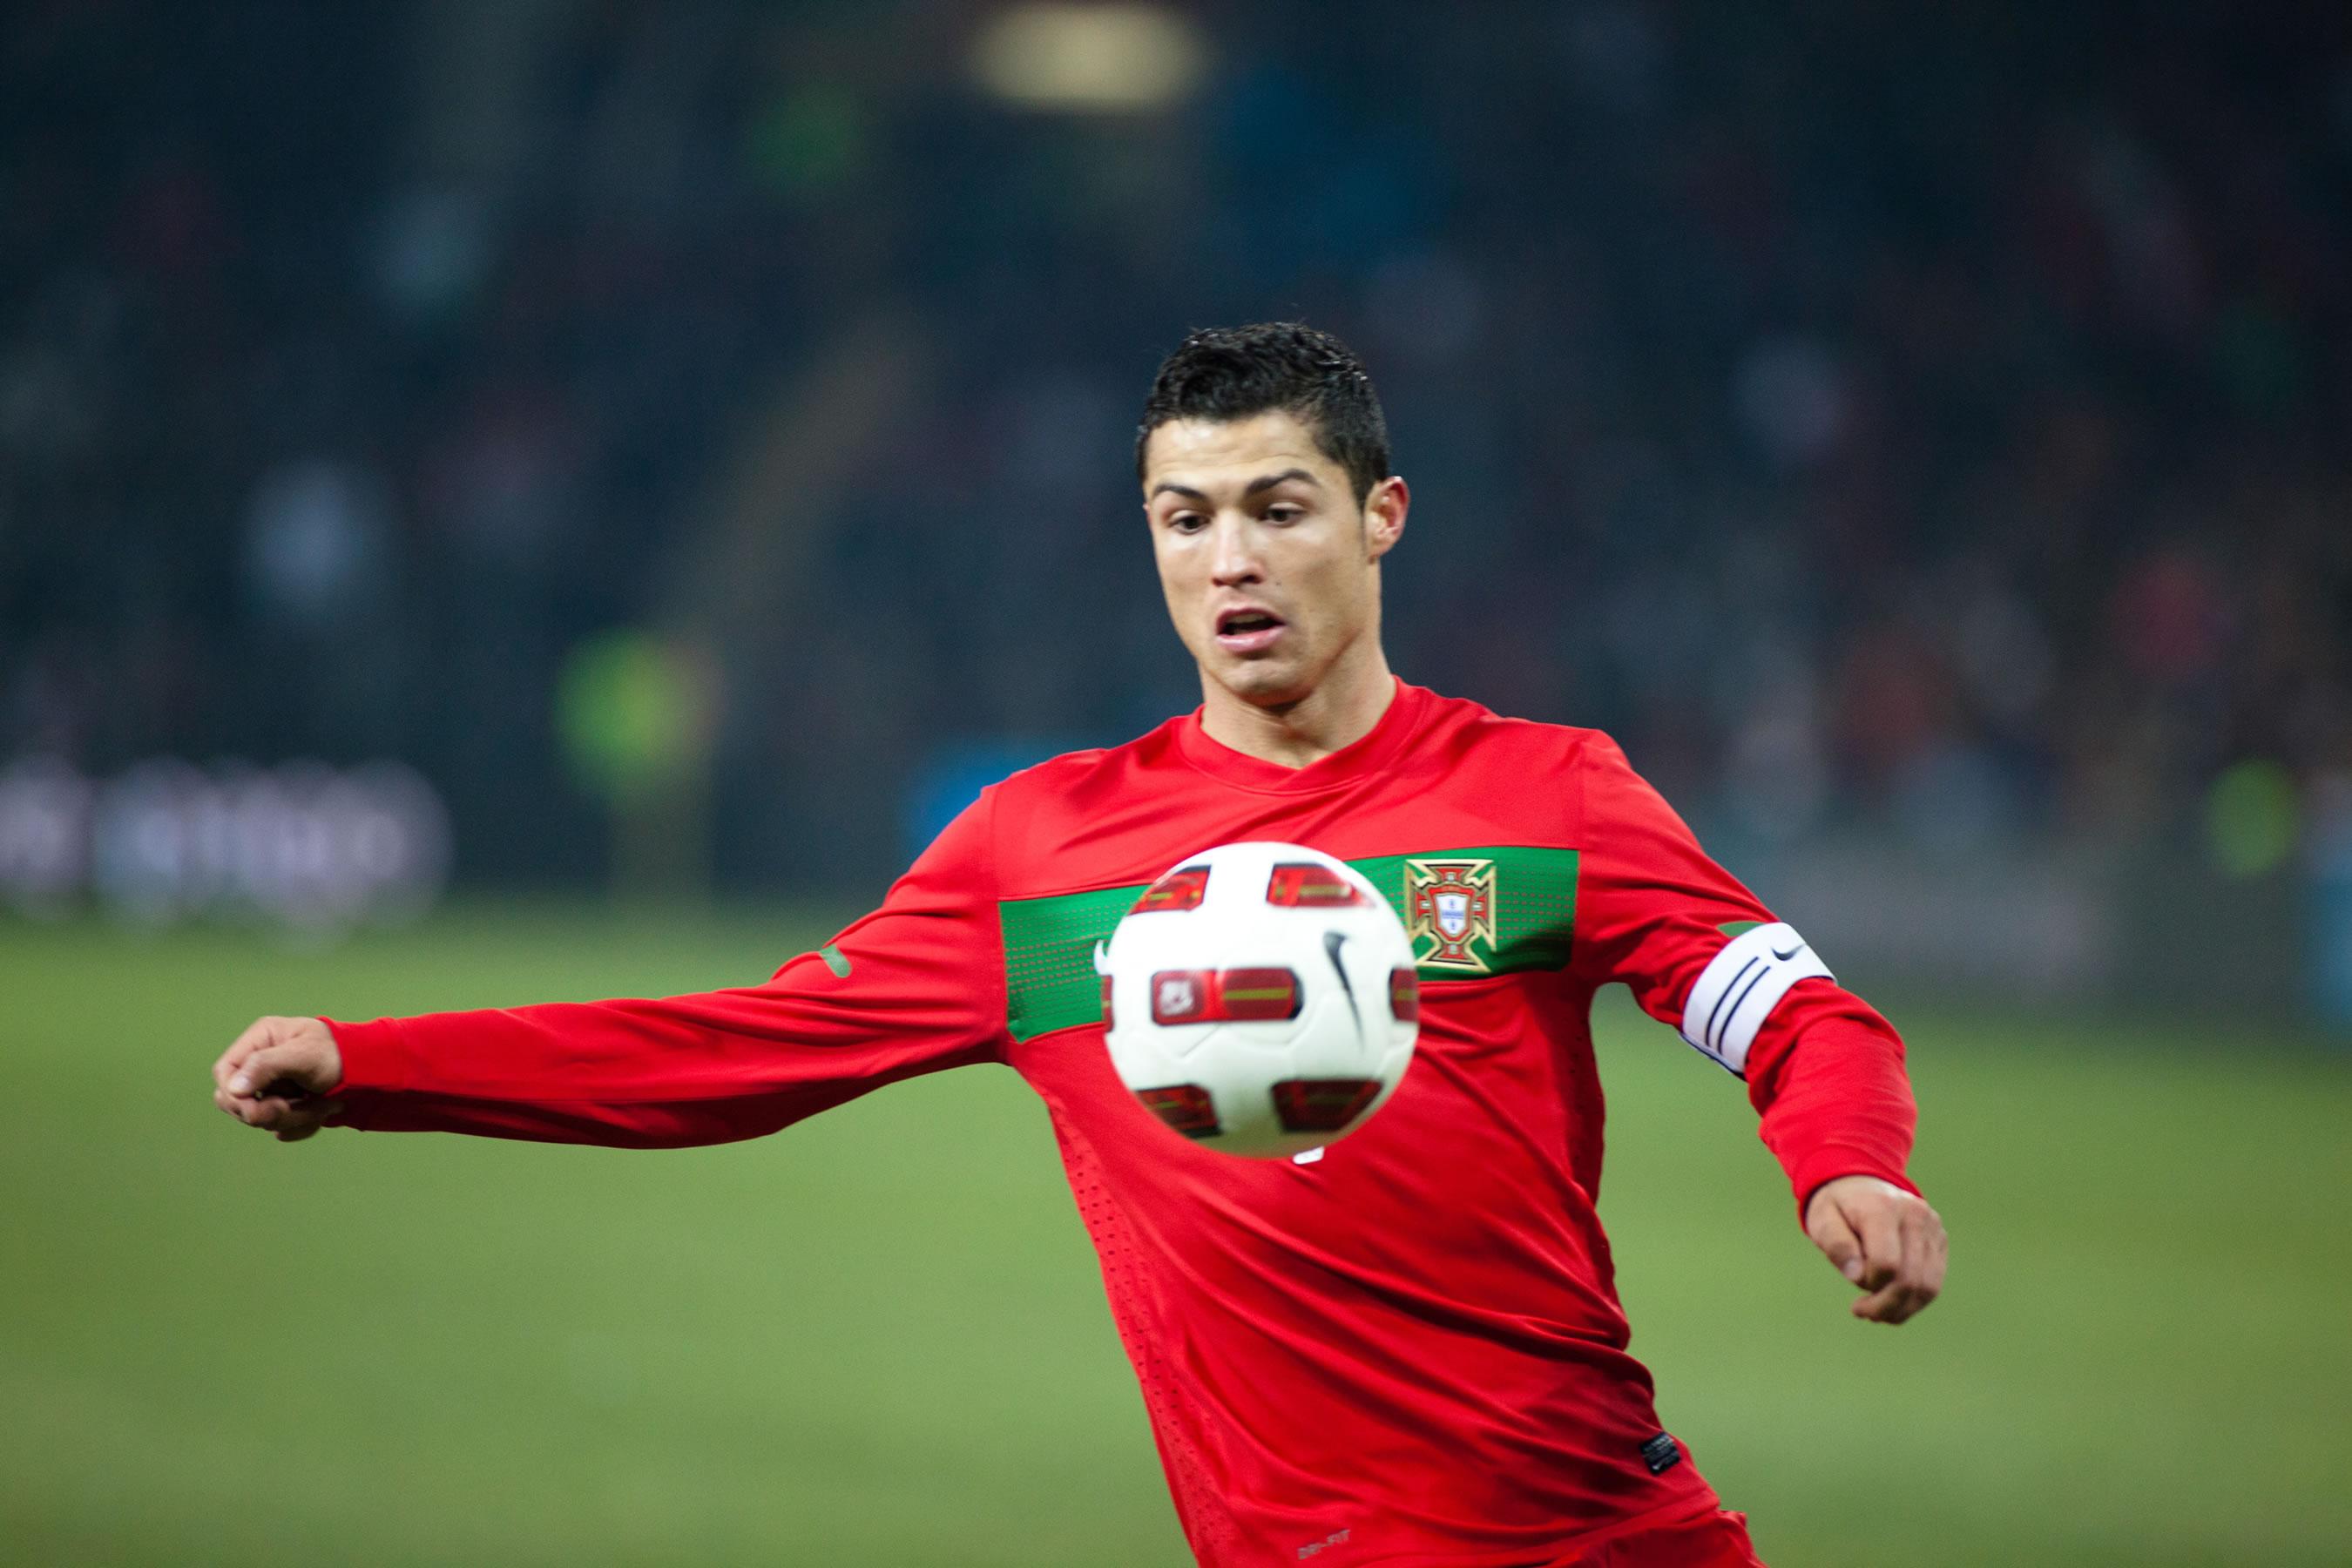 Cristiano Ronaldo World Cup 2010